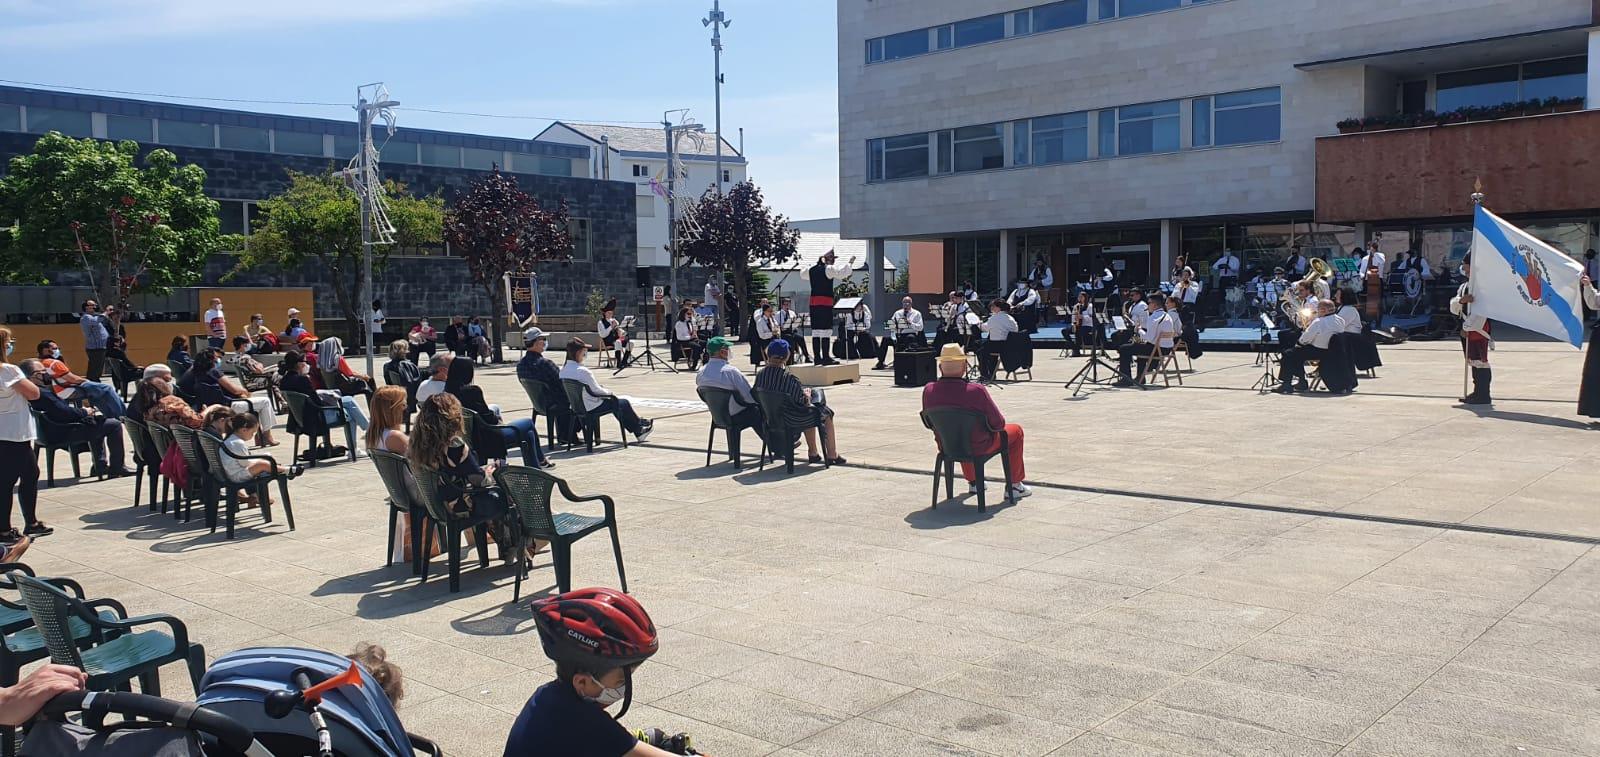 O vindeiro venres, 4 de xuño, seguirá a programación das festas de Burela. Será cun concerto do grupo de rock da Escola Municipal de Música ás 20 horas na praza da Mariña